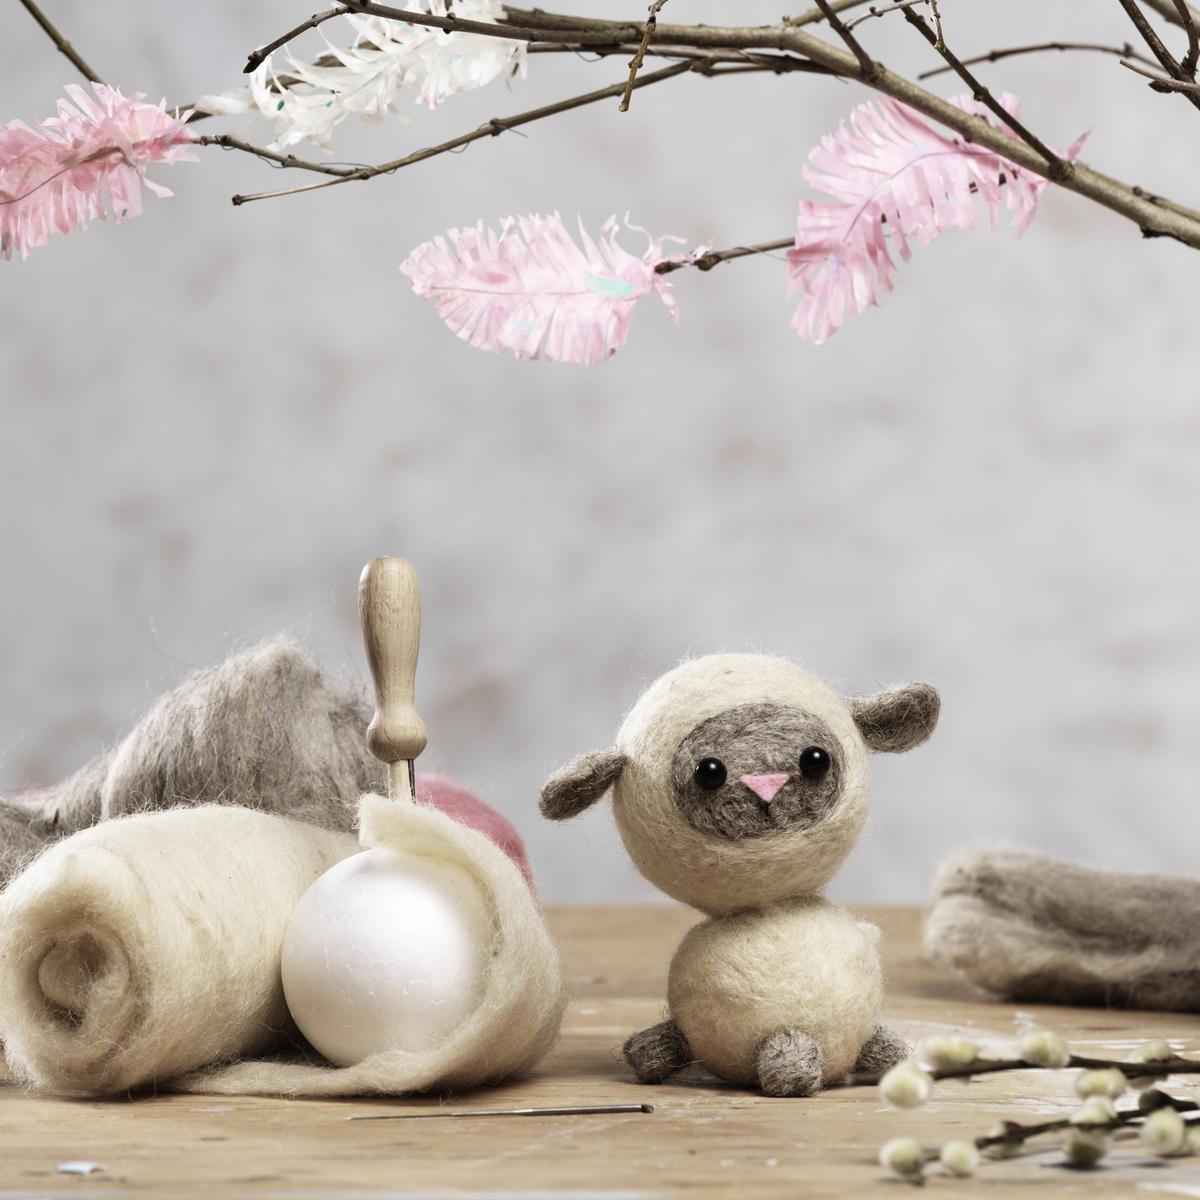 Lag et ullent og søtt lam ved hjelp av nålefilting